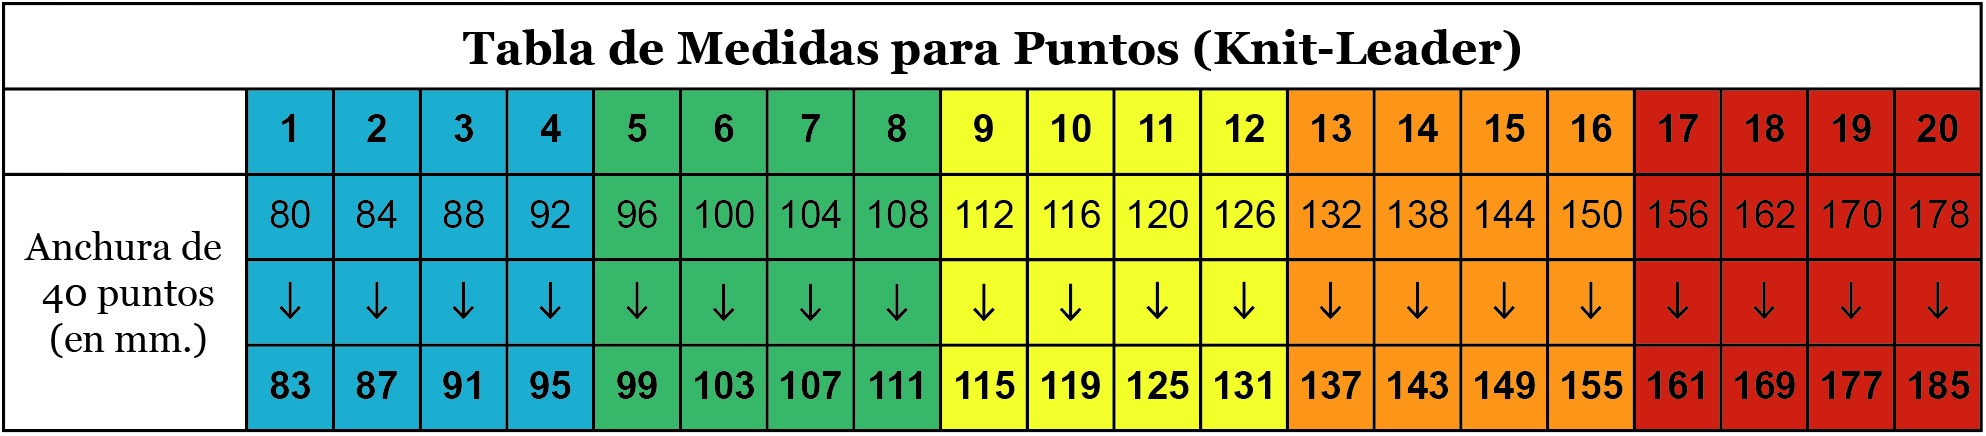 Tabla_de_medidas_para_puntos__KnitLeader_.jpg